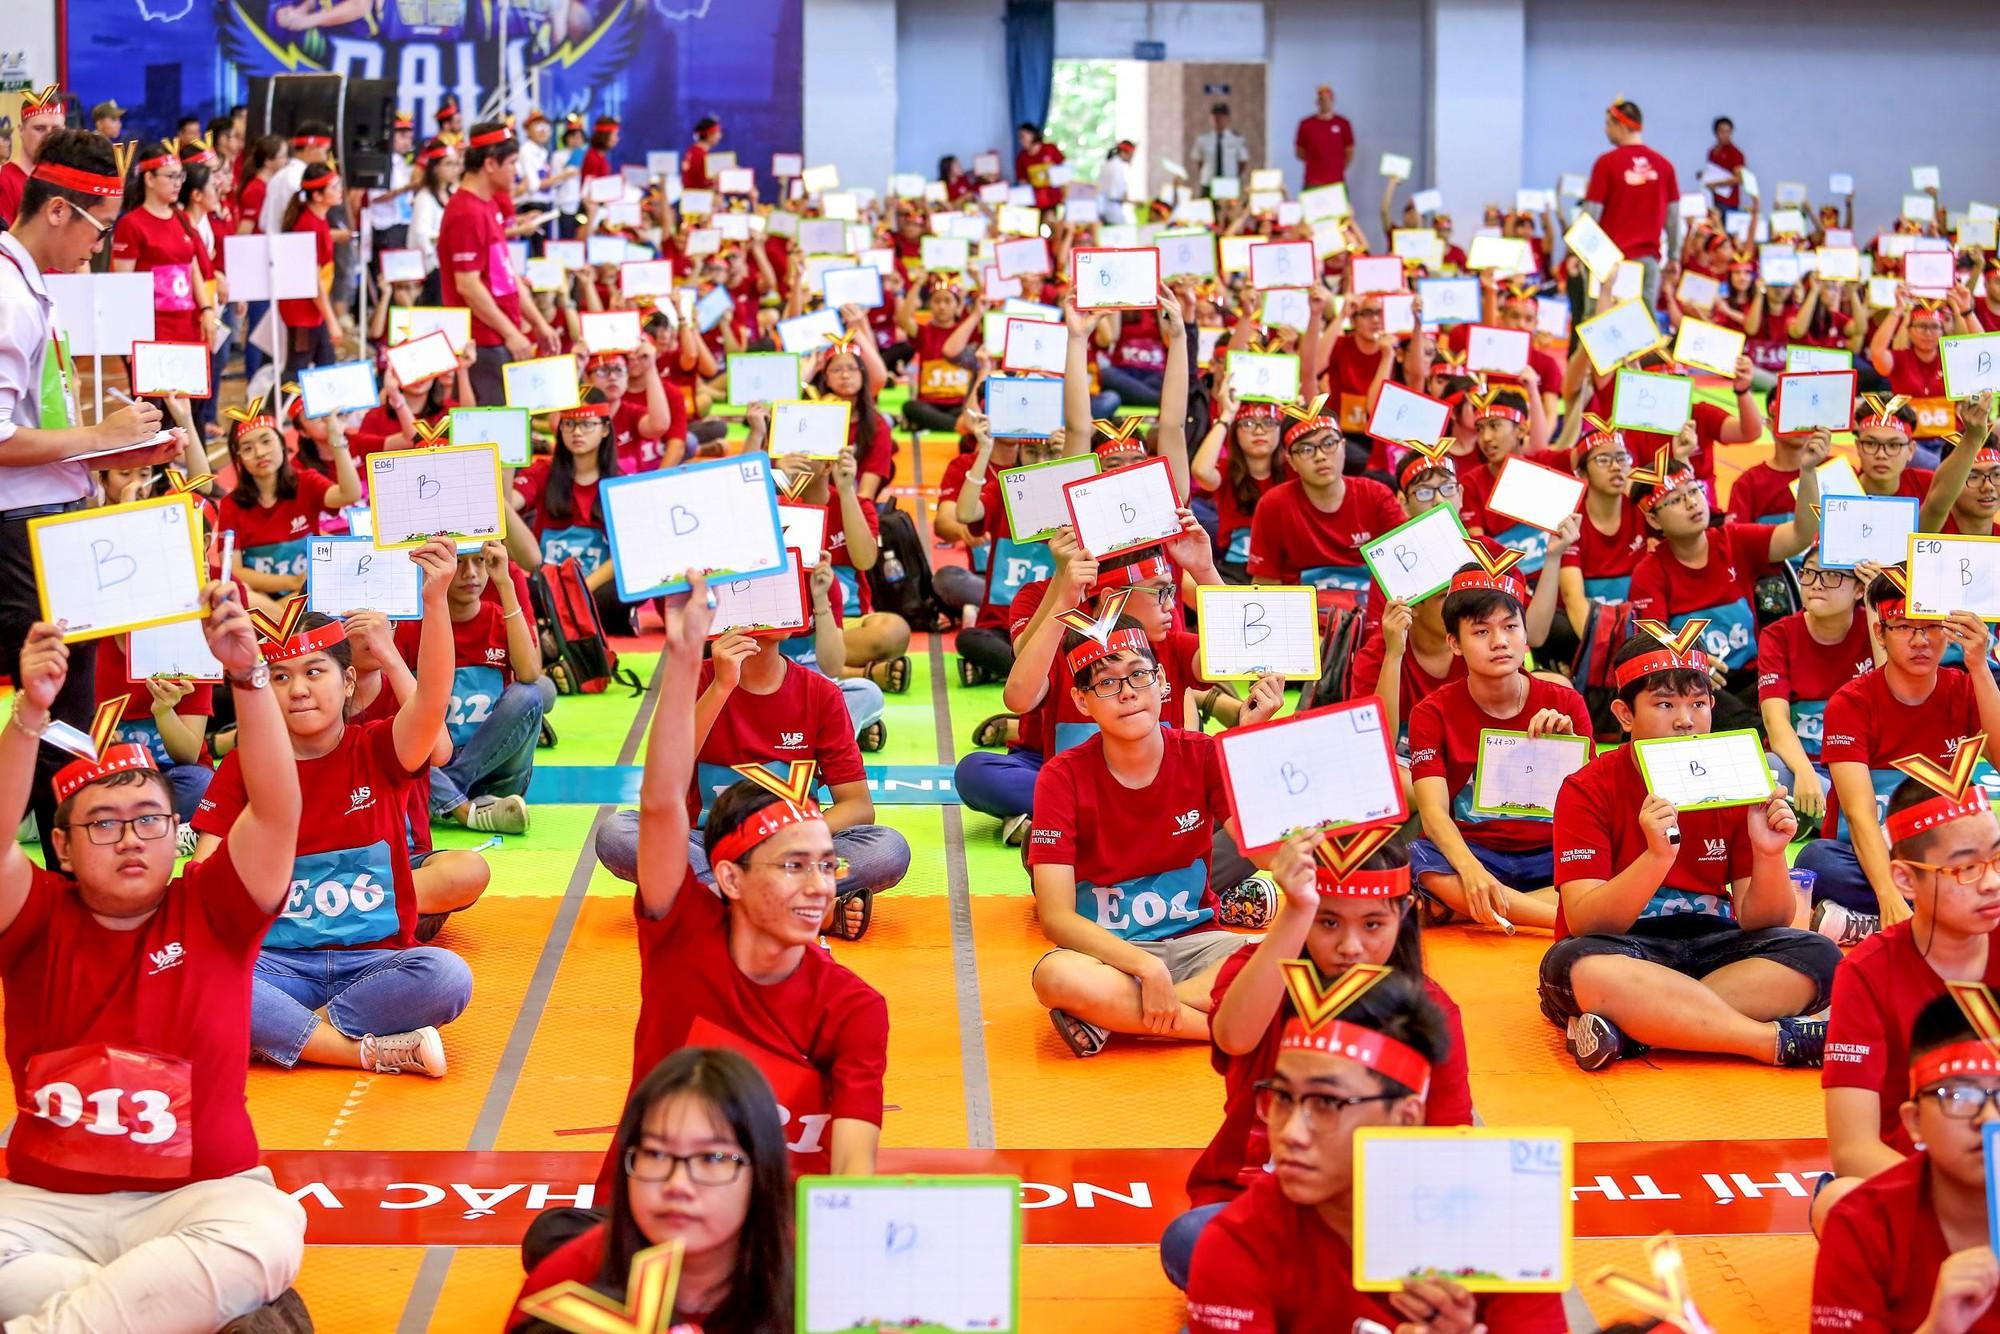 Chung kết V-Challenge 2019: Thử thách trí tuệ đầy hấp dẫn với 608 bạn trẻ học viên VUS - Ảnh 1.